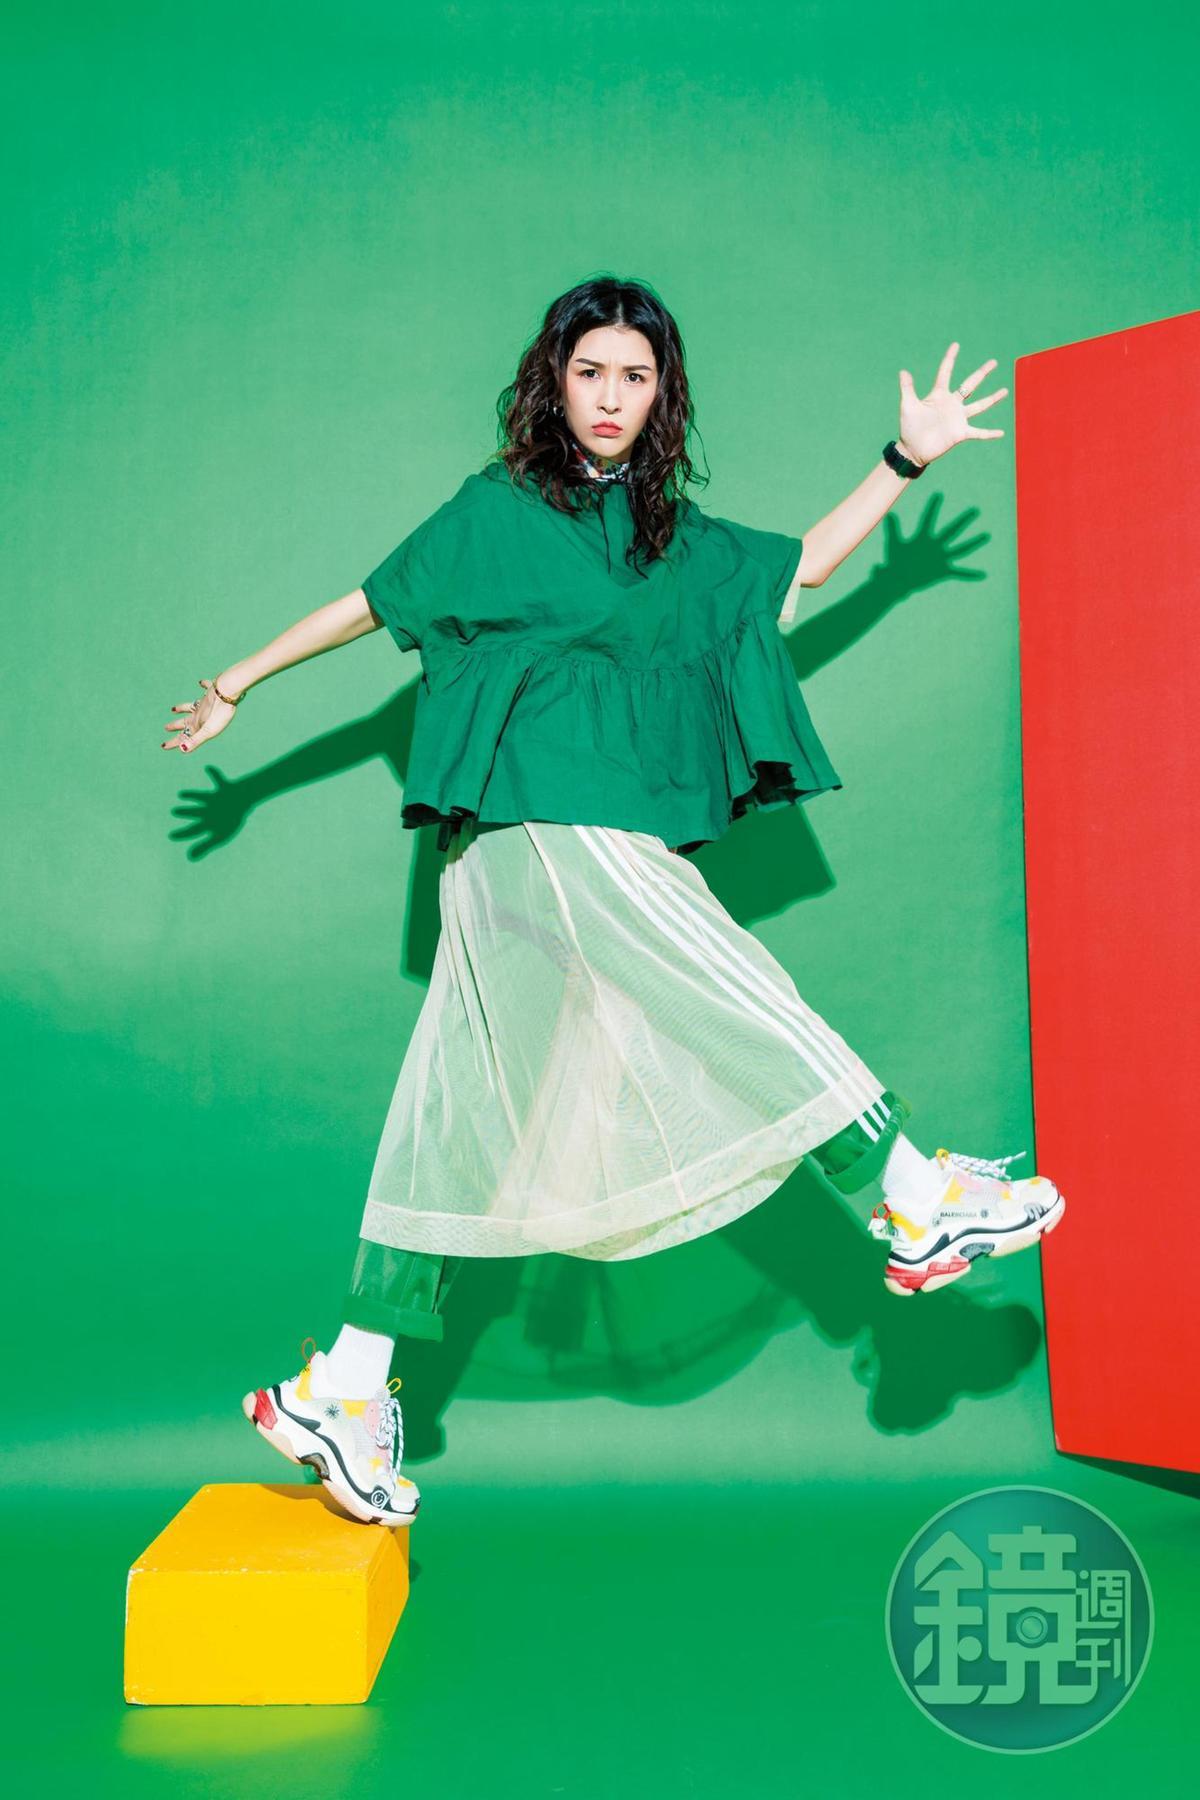 綠色傘狀娃娃裝上衣,姐姐送的;Cody Sanderson星星戒指,(四星)NT$26,550、(兩星)朋友送的、(一星)NT$17,100;透明紗裙洋裝,姐姐送的;adidas Originals綠色運動長褲,約NT$2,000;Balenciaga Triple S老爹鞋;約NT$26,000。